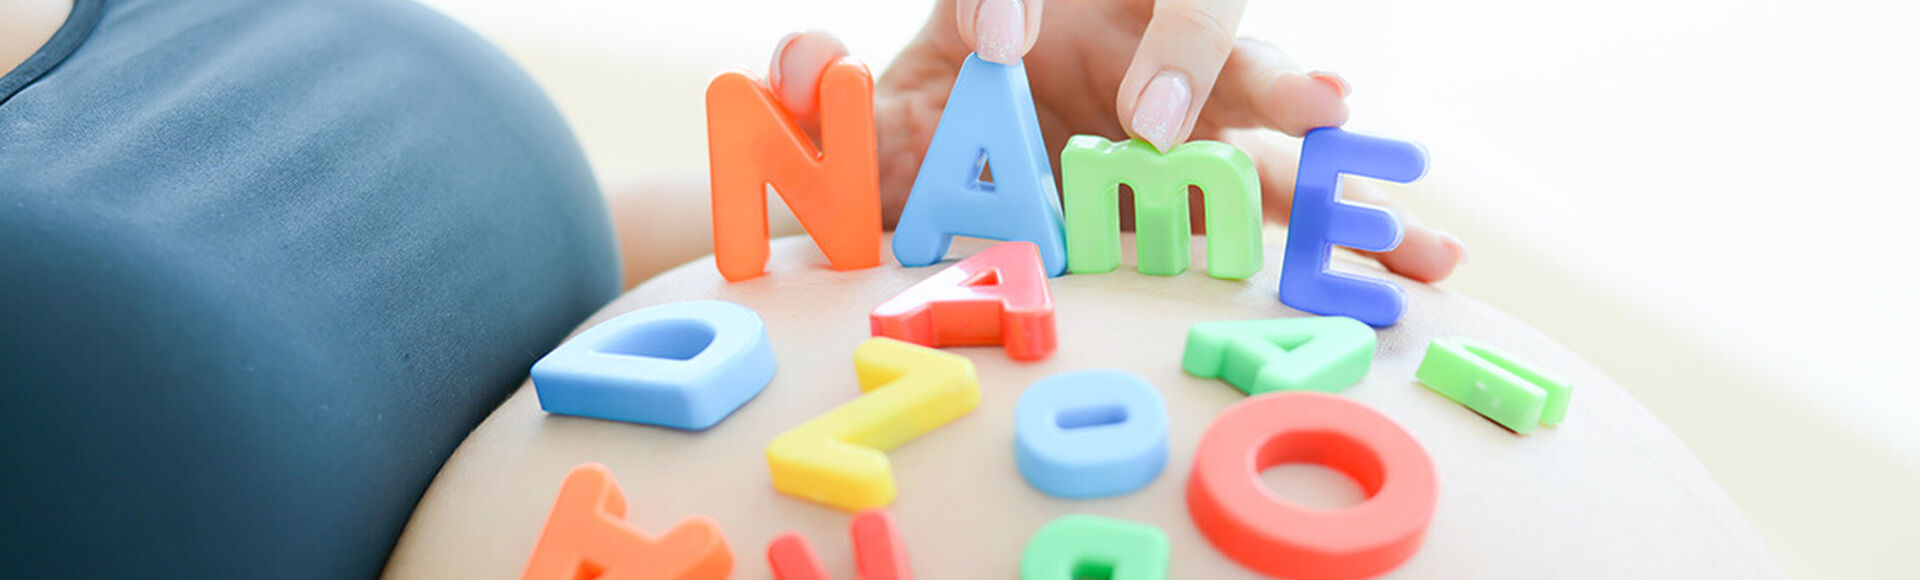 ¿Cómo elegir el nombre de mi bebé según el apellido?    Más Abrazos by Huggies